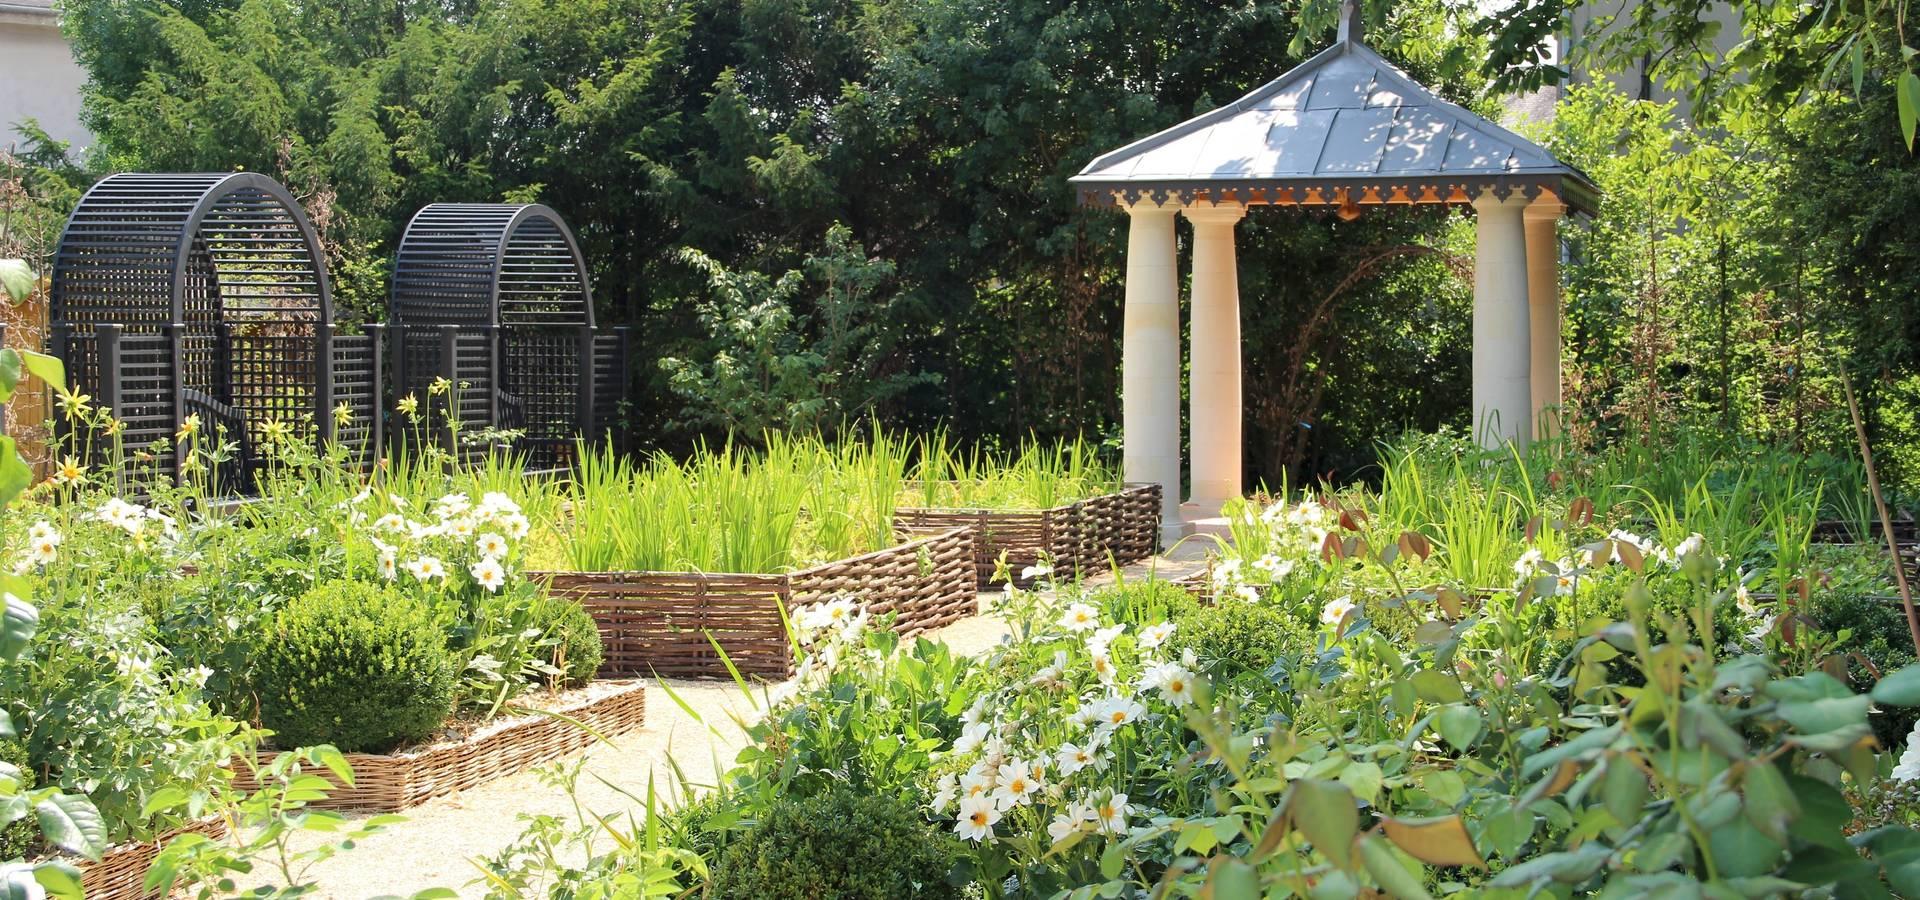 Le jardin de l 39 office de tourisme de langeais di agence talpa homify - Office de tourisme de langeais ...